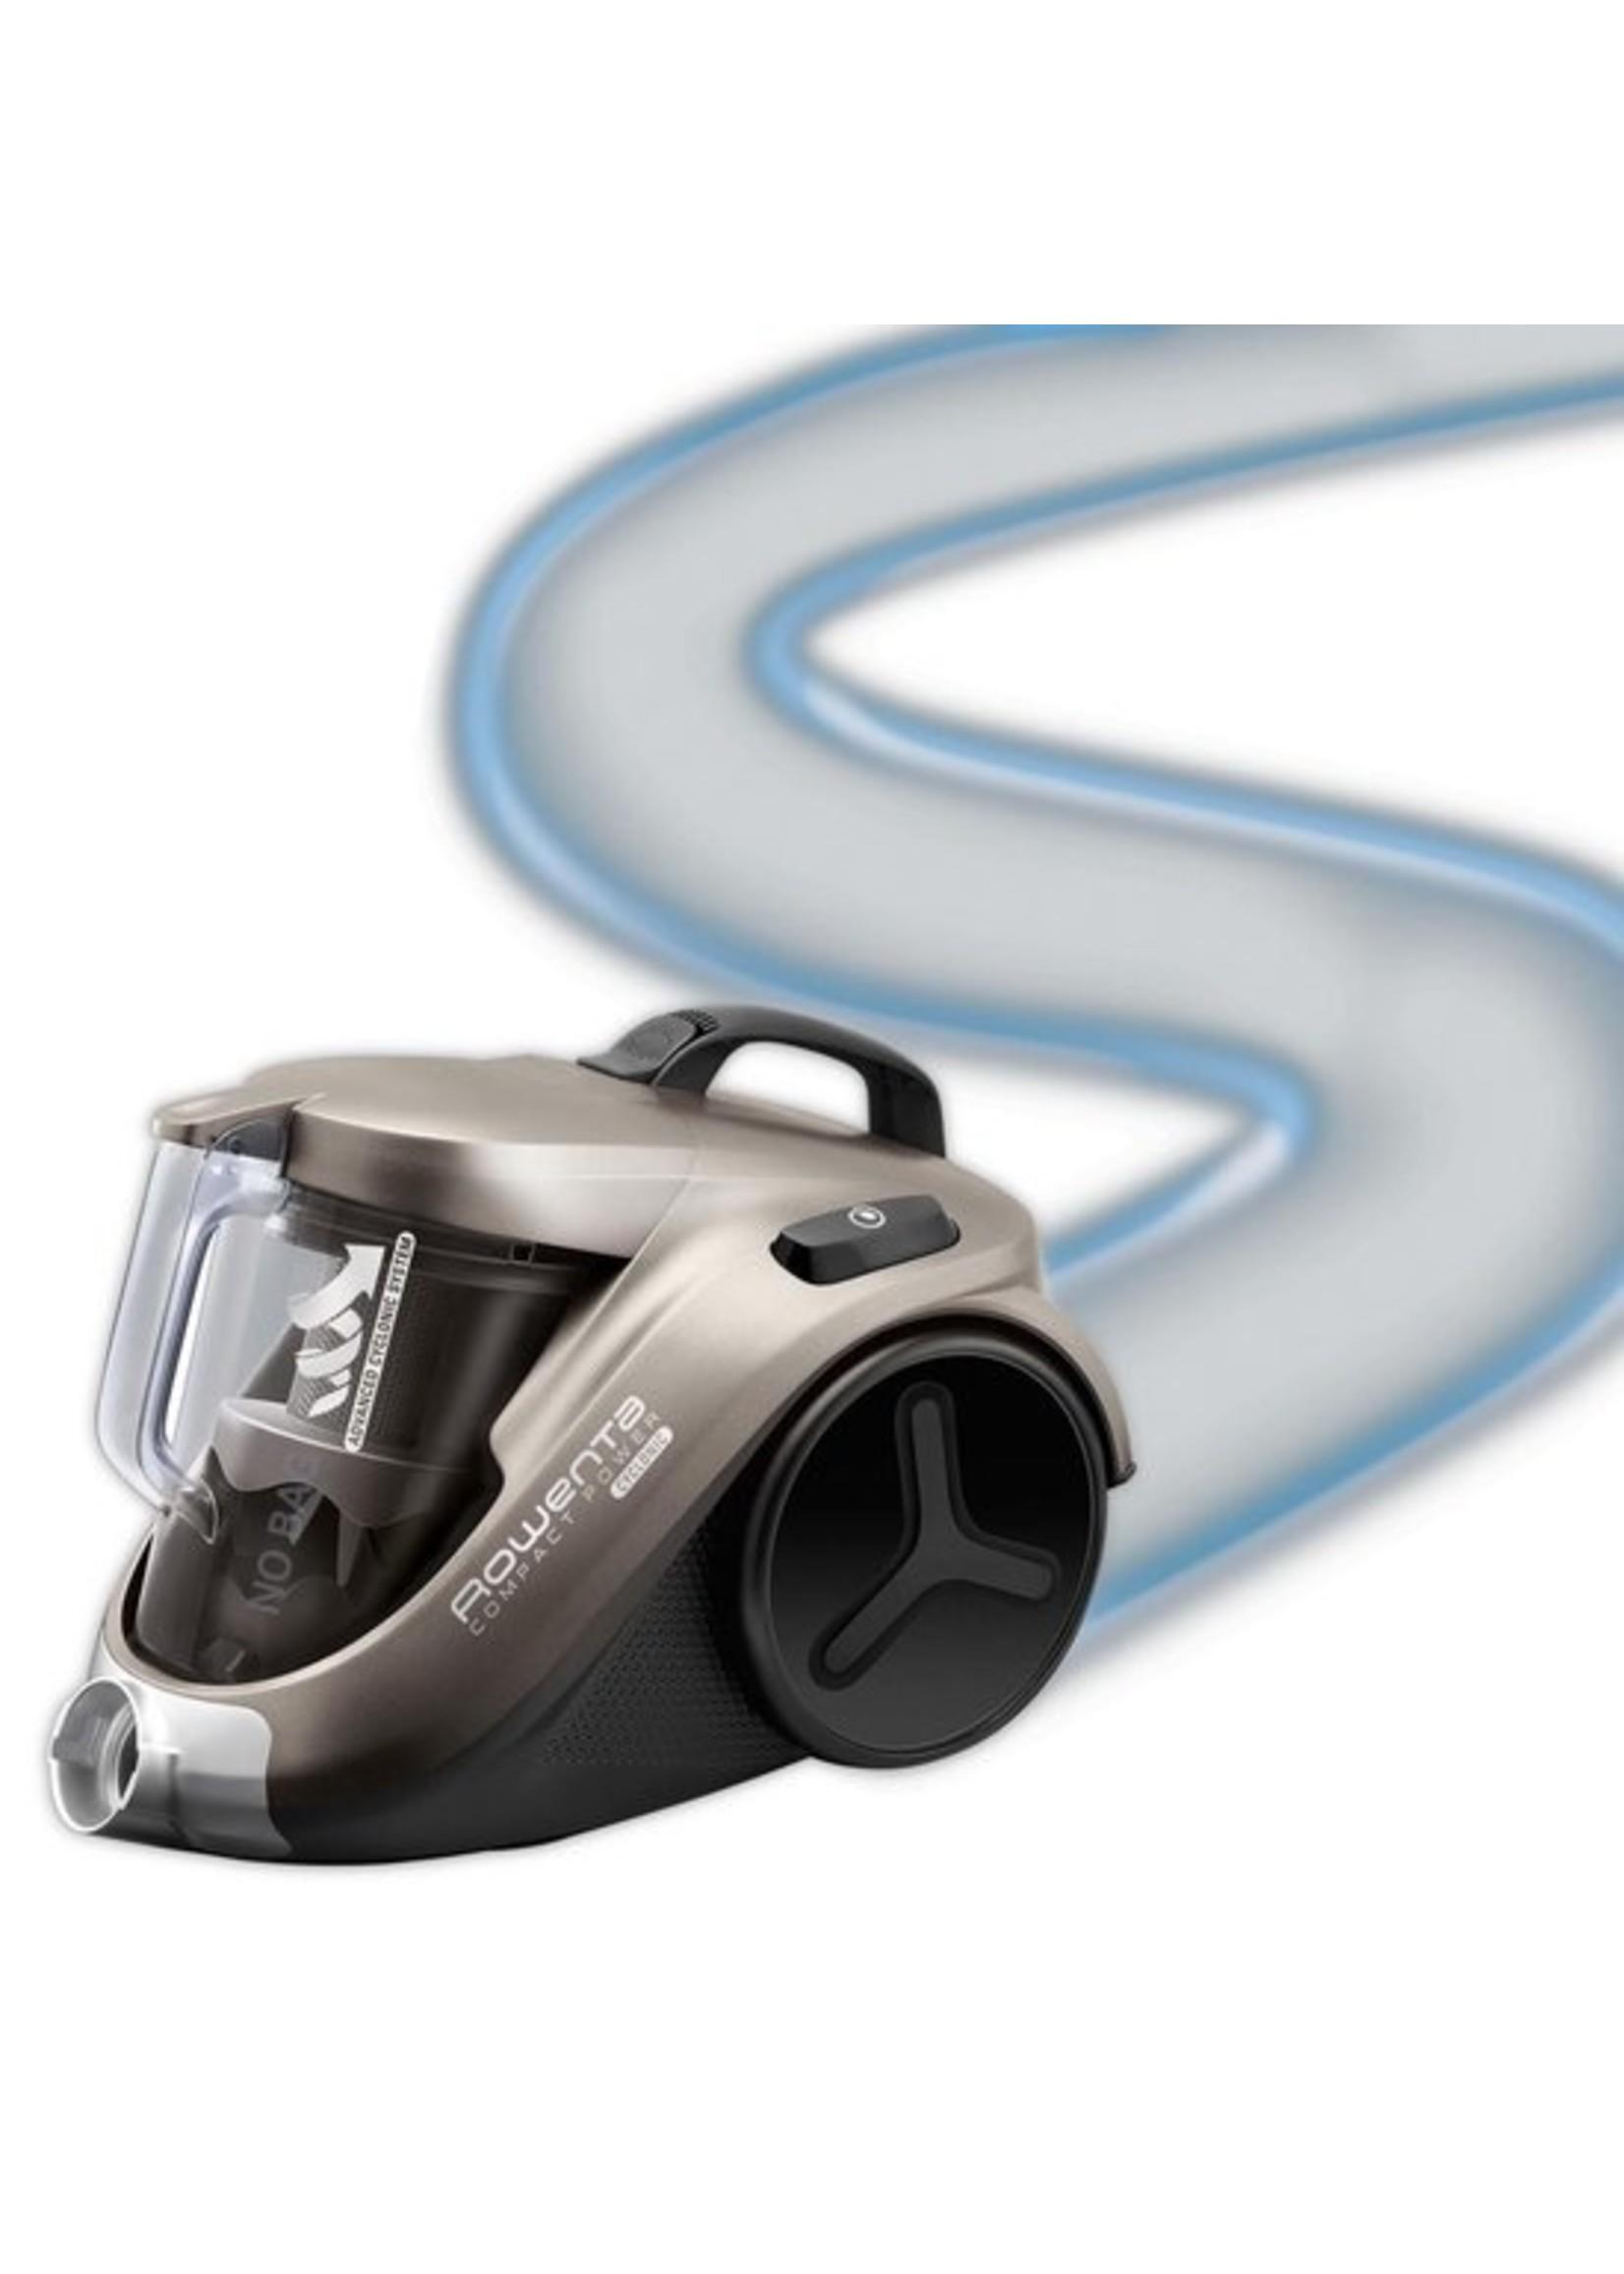 Rowenta Rowenta Compact Power Cyclonic Animal Care RO3786 - Stofzuiger zonder zak